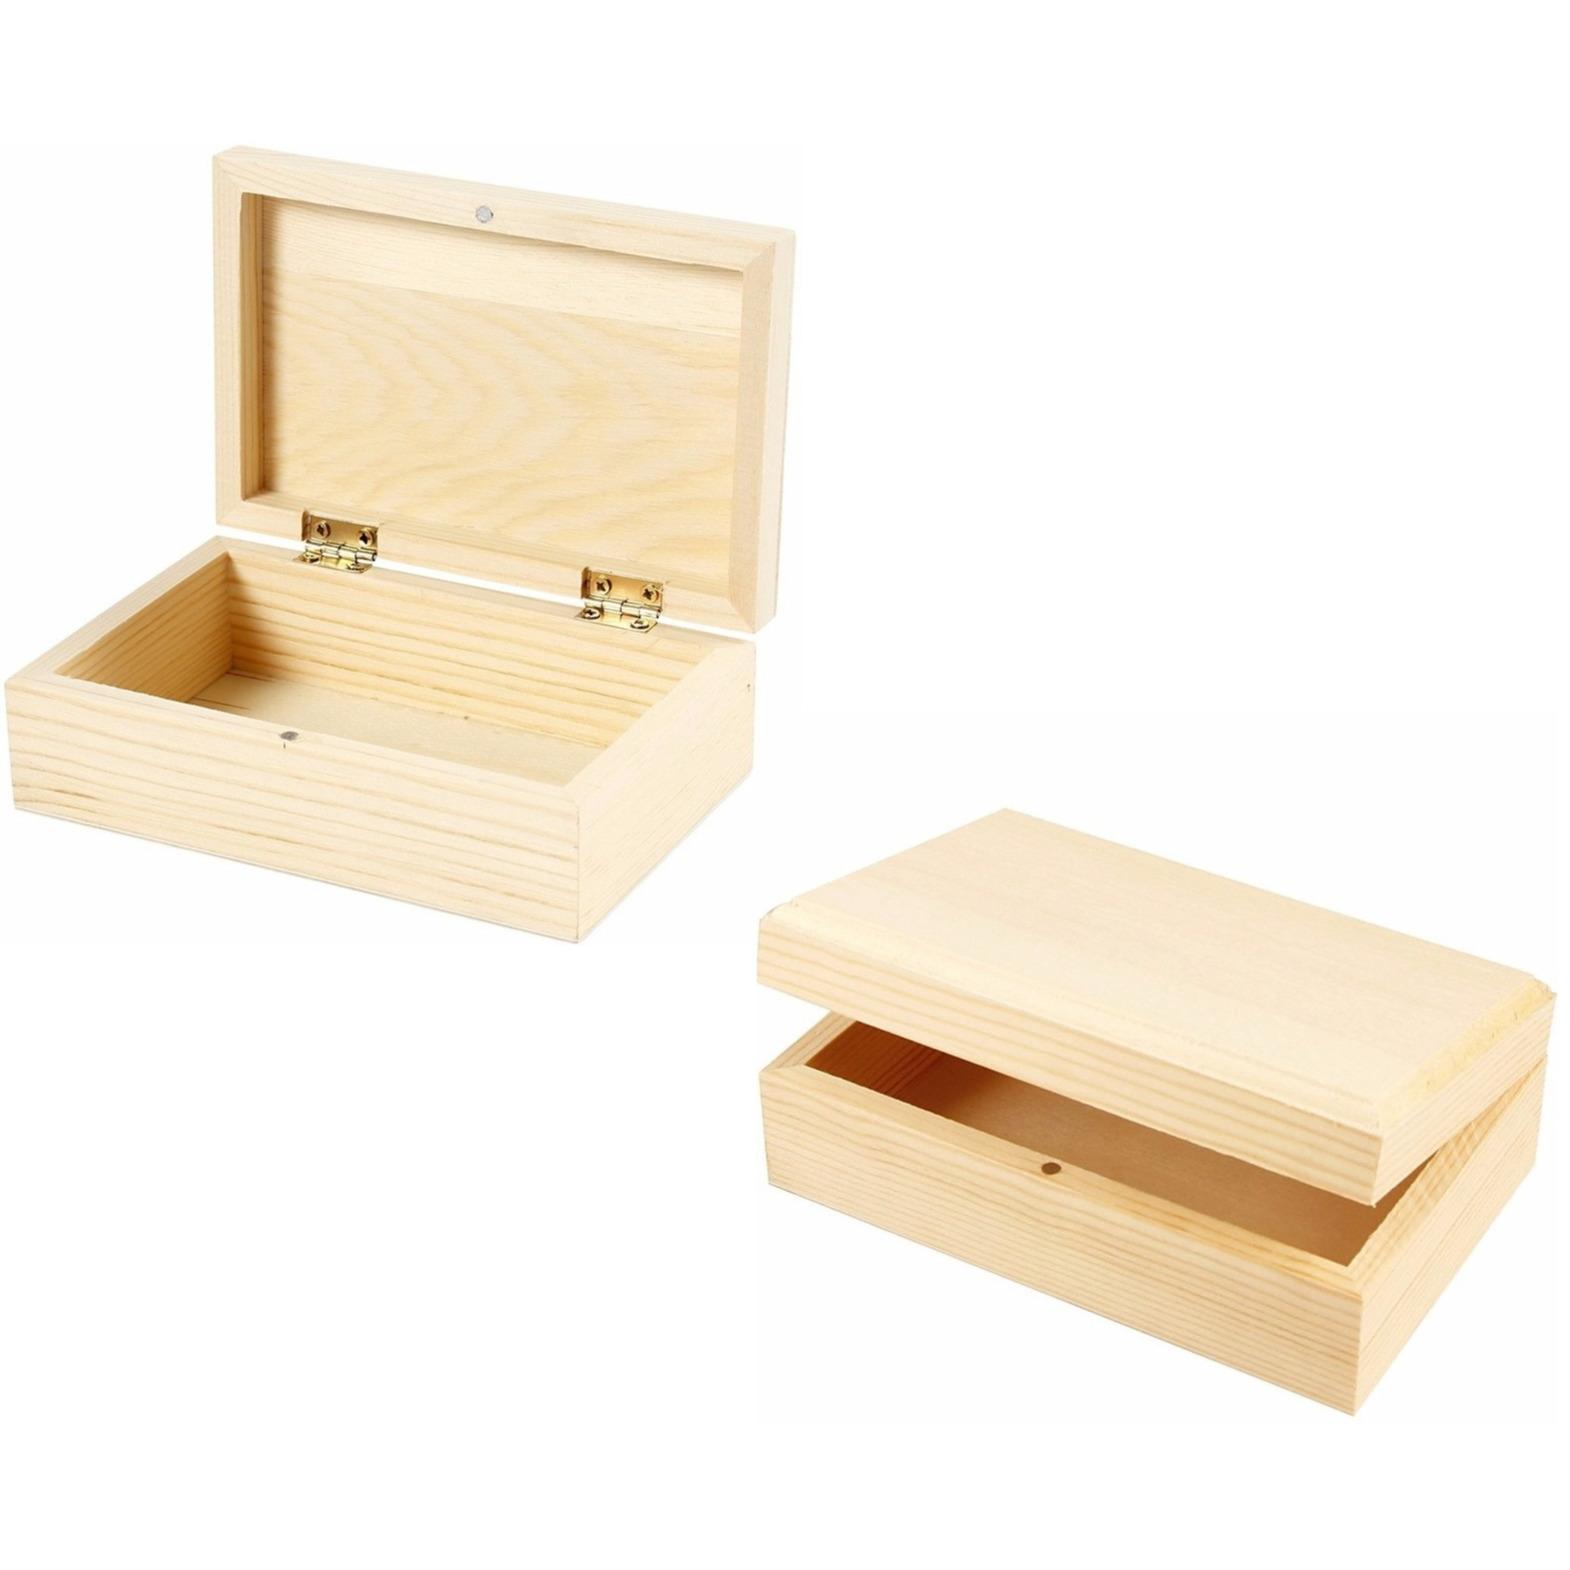 4x stuks houten sieradendoosjes 14 x 9 x 5 cm